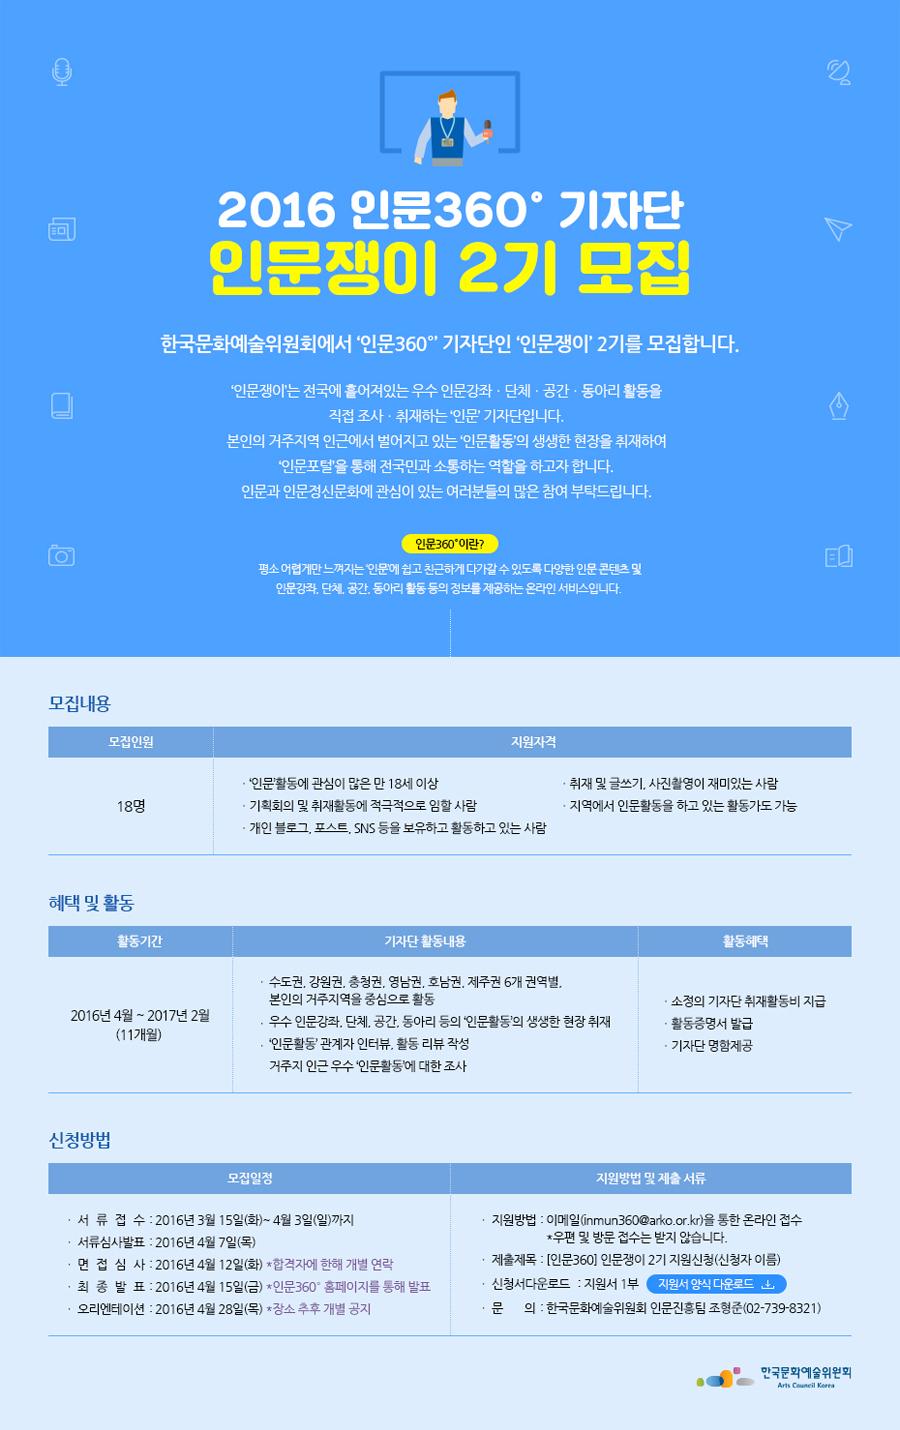 2016 인문360° 기자단 『인문쟁이』 2기 모집